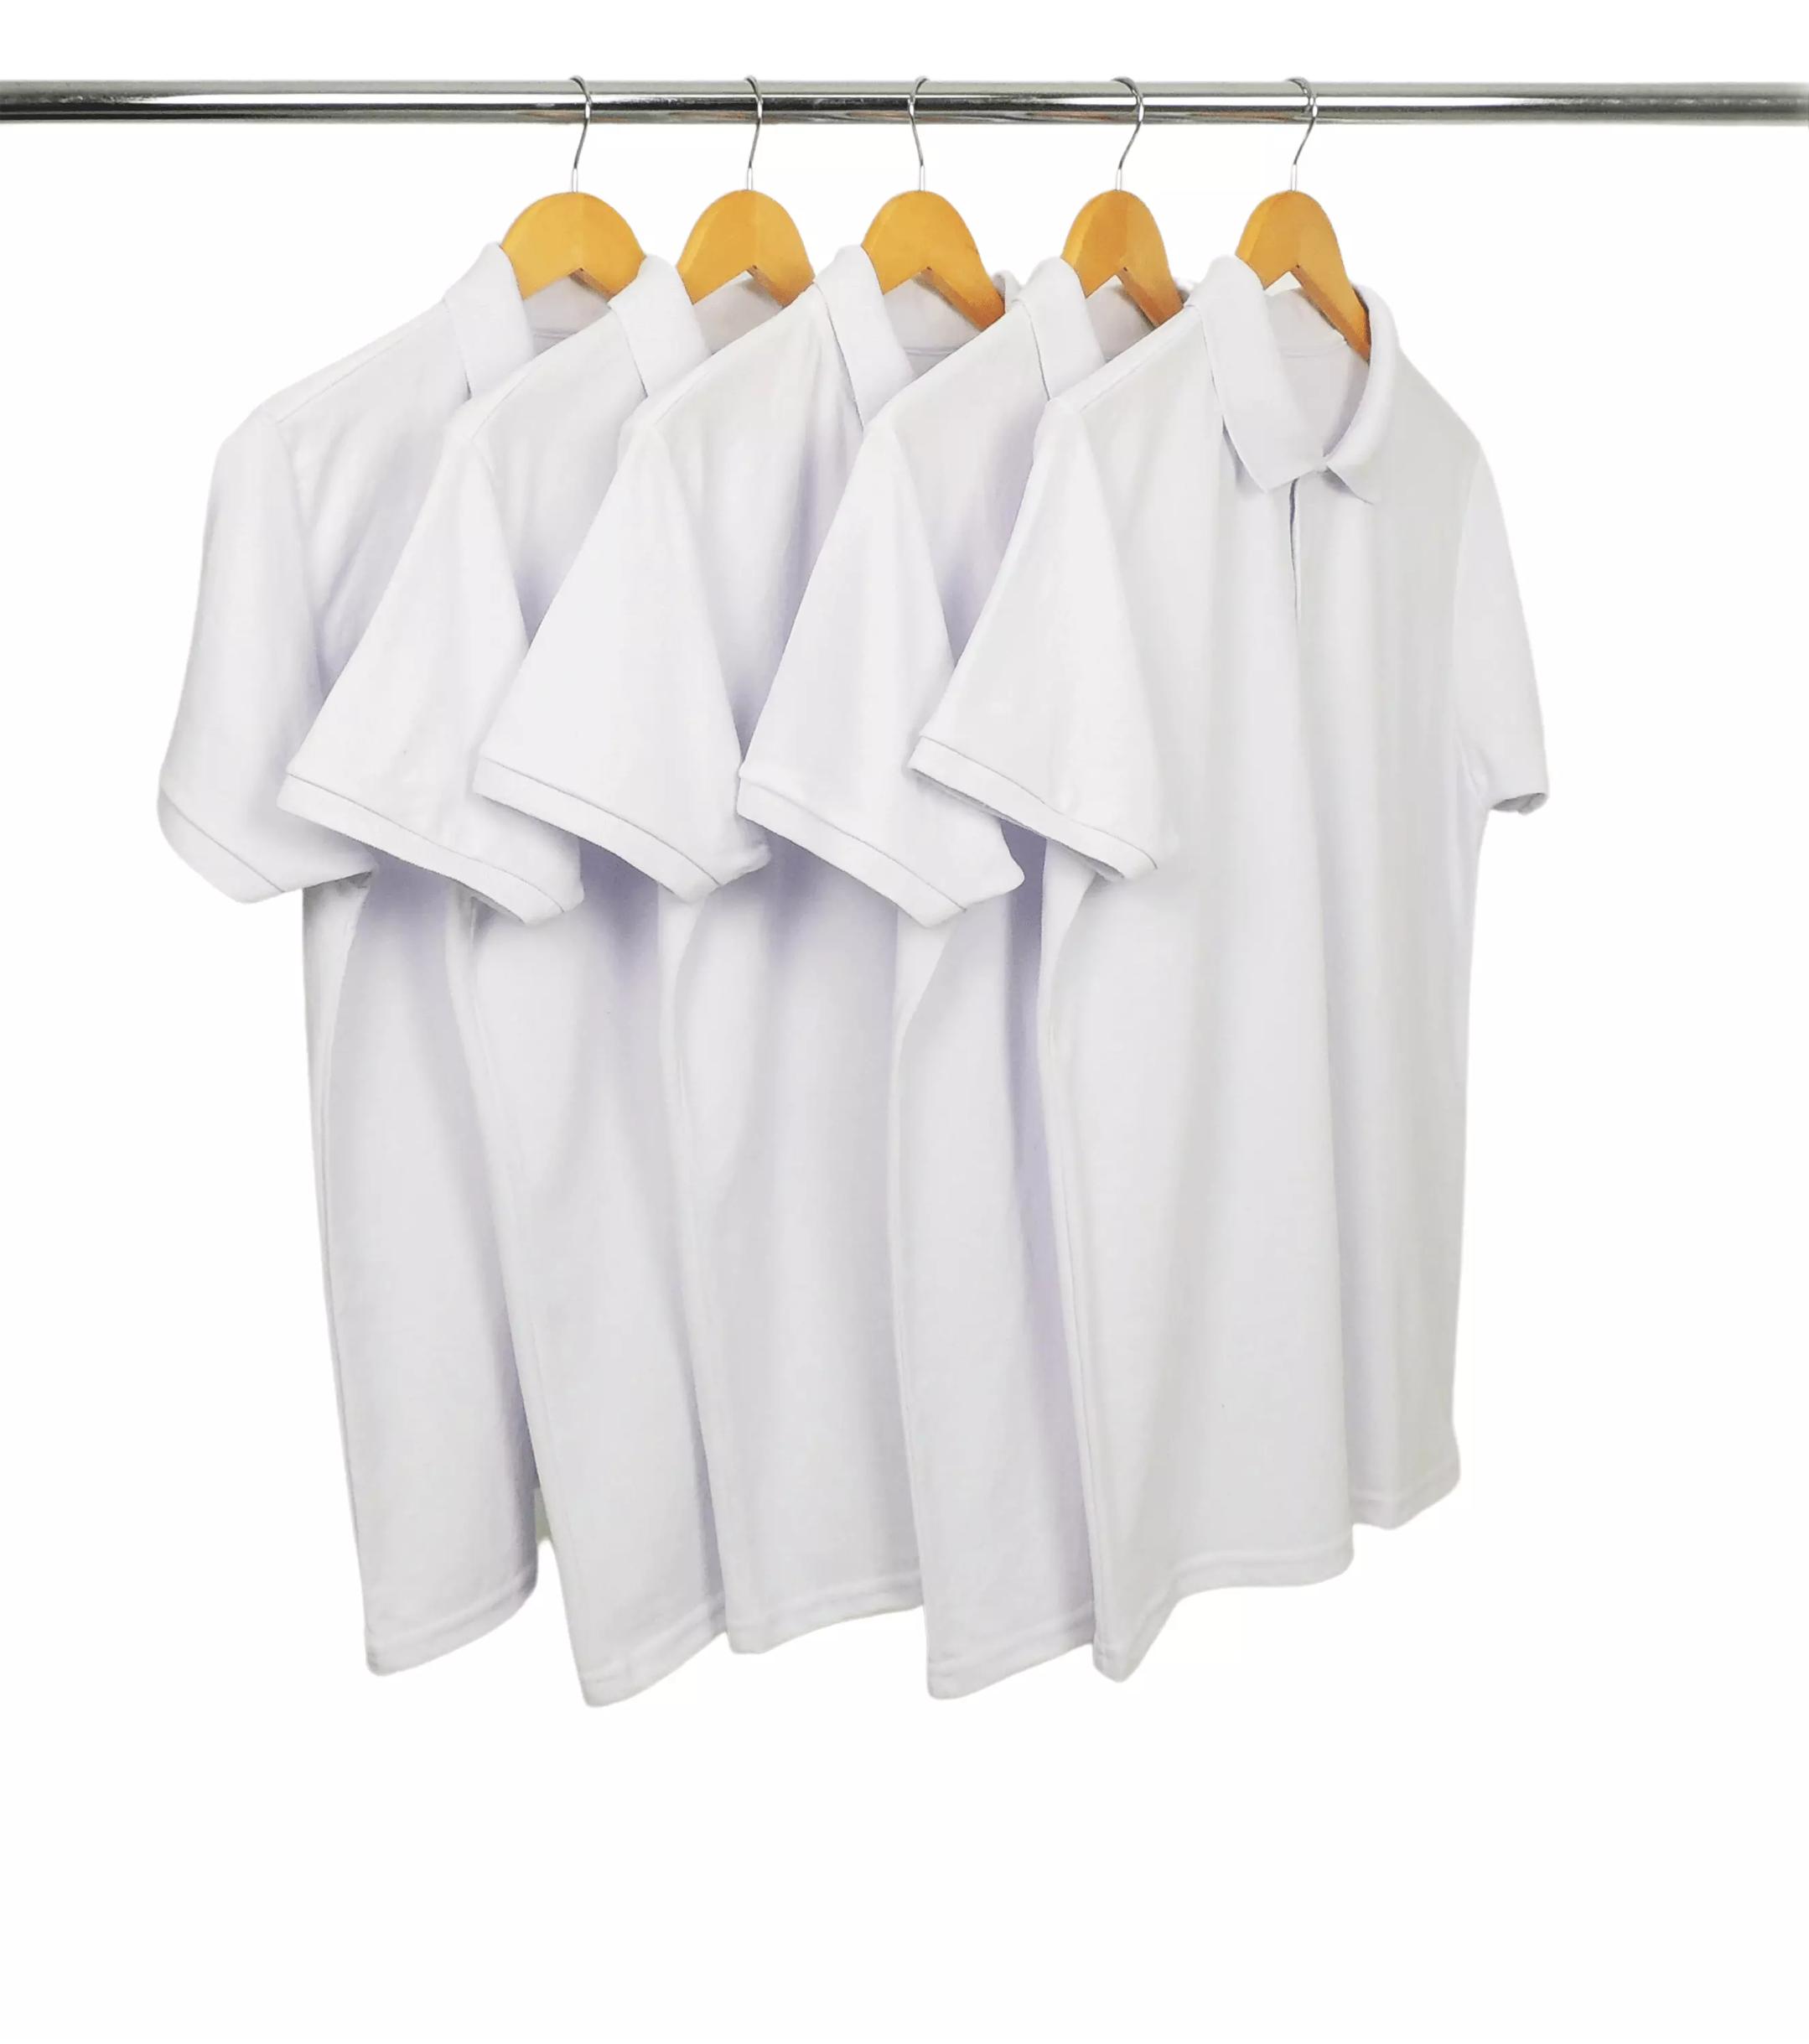 KIT 5 Camisas Polo Piquet de Poliéster/Sublimática Branca